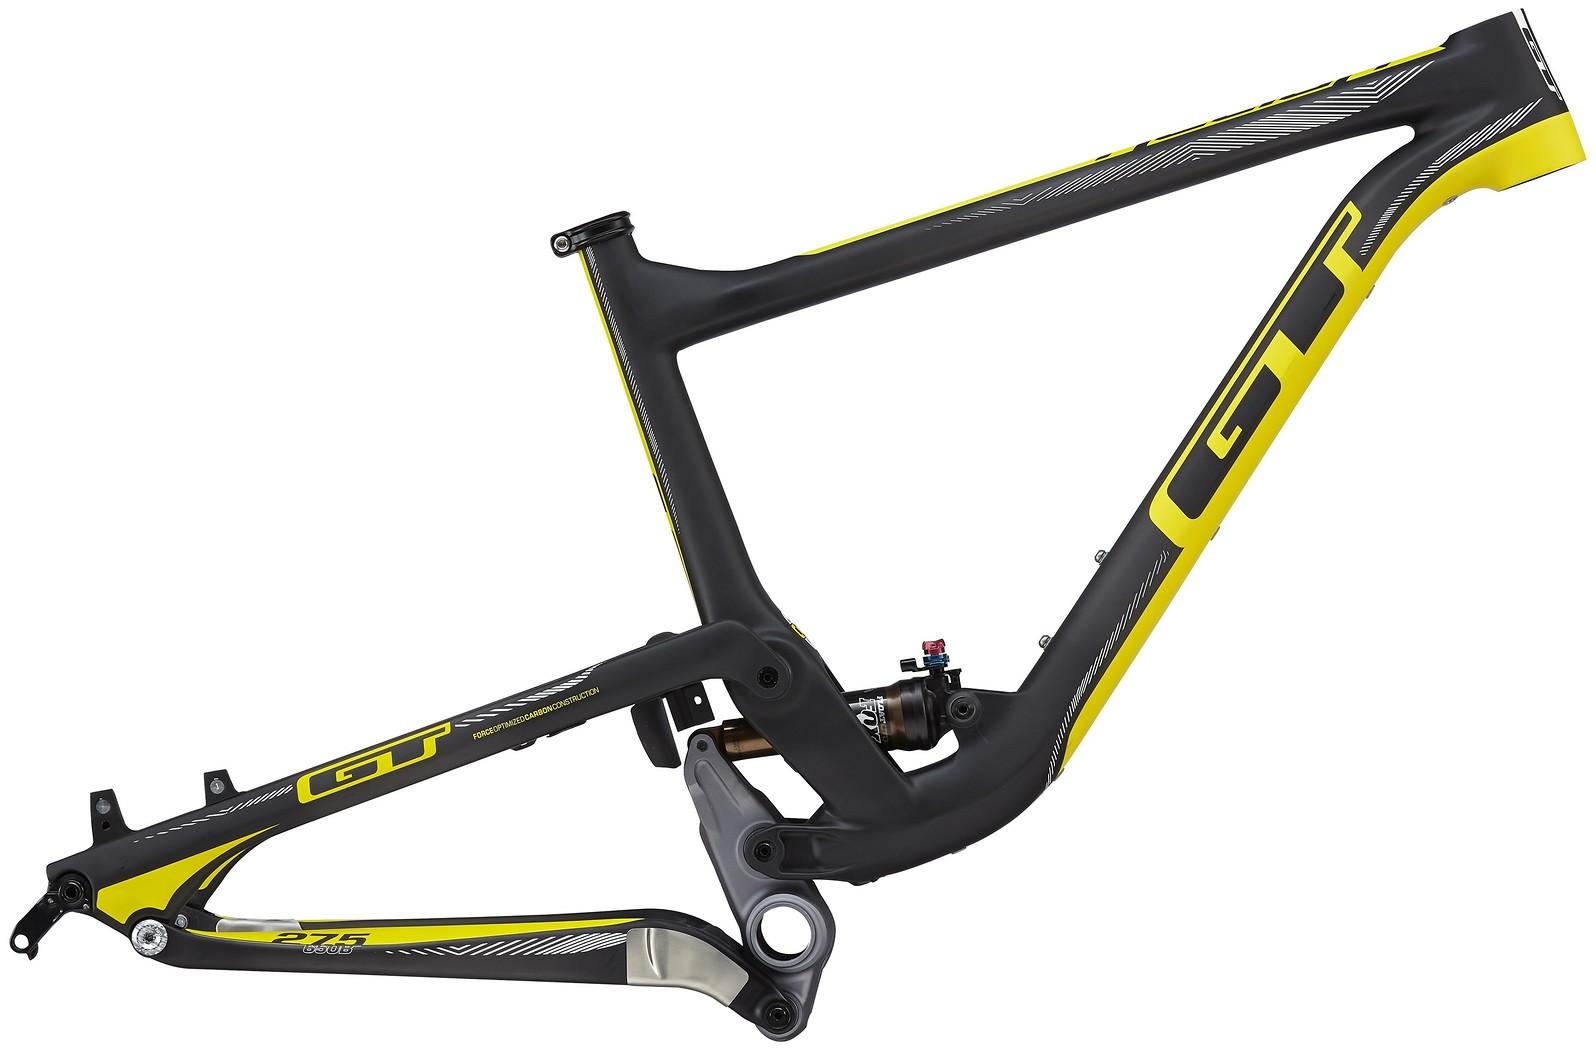 GT Helion Carbon Frame - Reviews, Comparisons, Specs - Mountain Bike ...